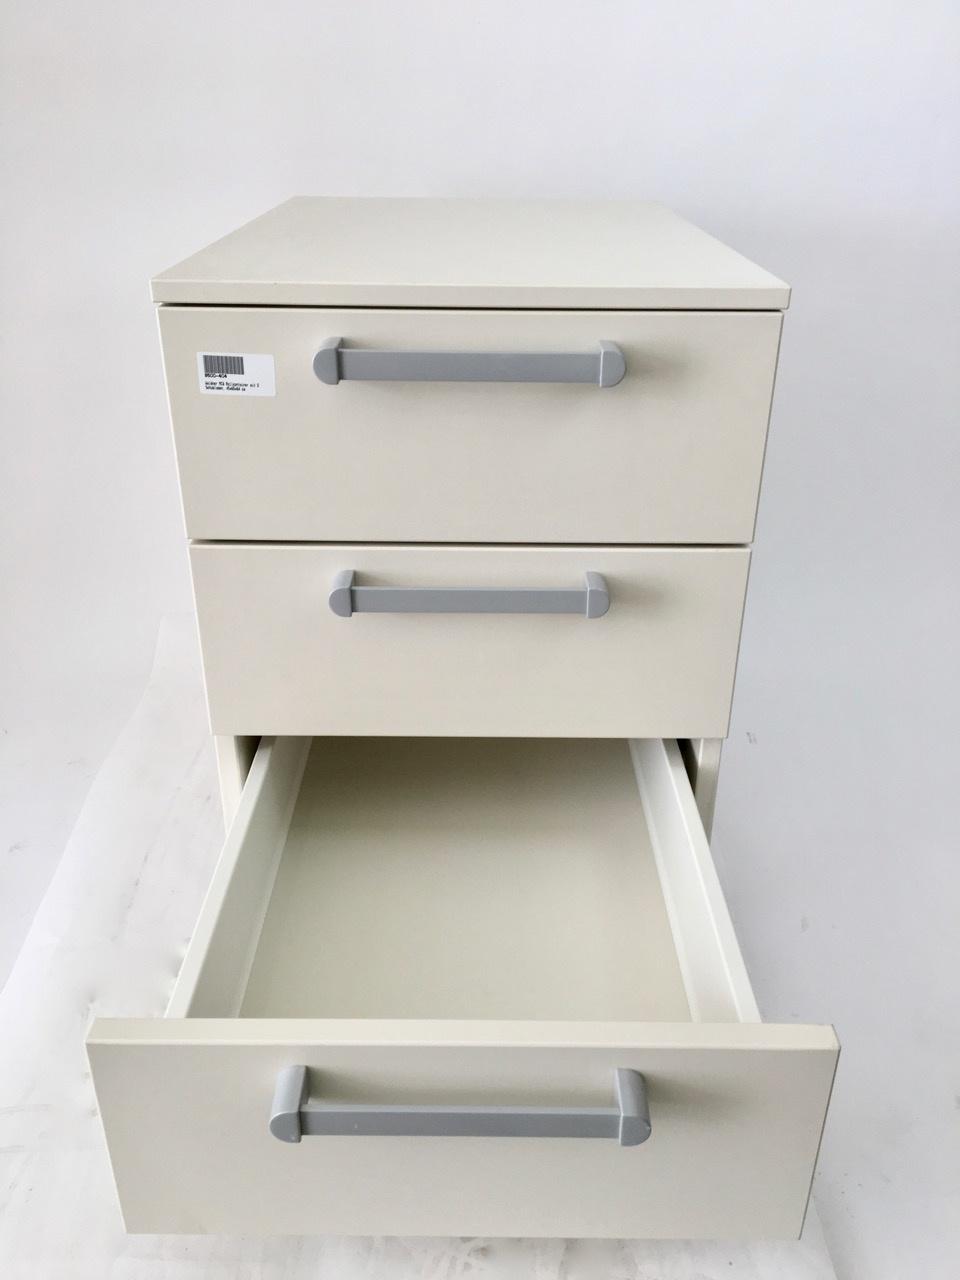 Waldner Waldner MC6 Rollschrank, 3 drawers, 45 cm width, 64cm heigth